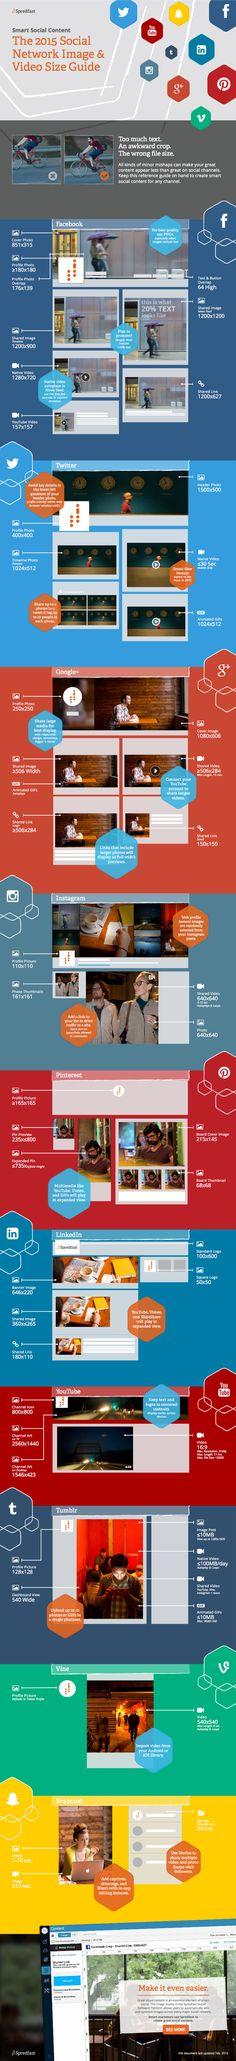 Les dimensions optimales pour les médias sociaux